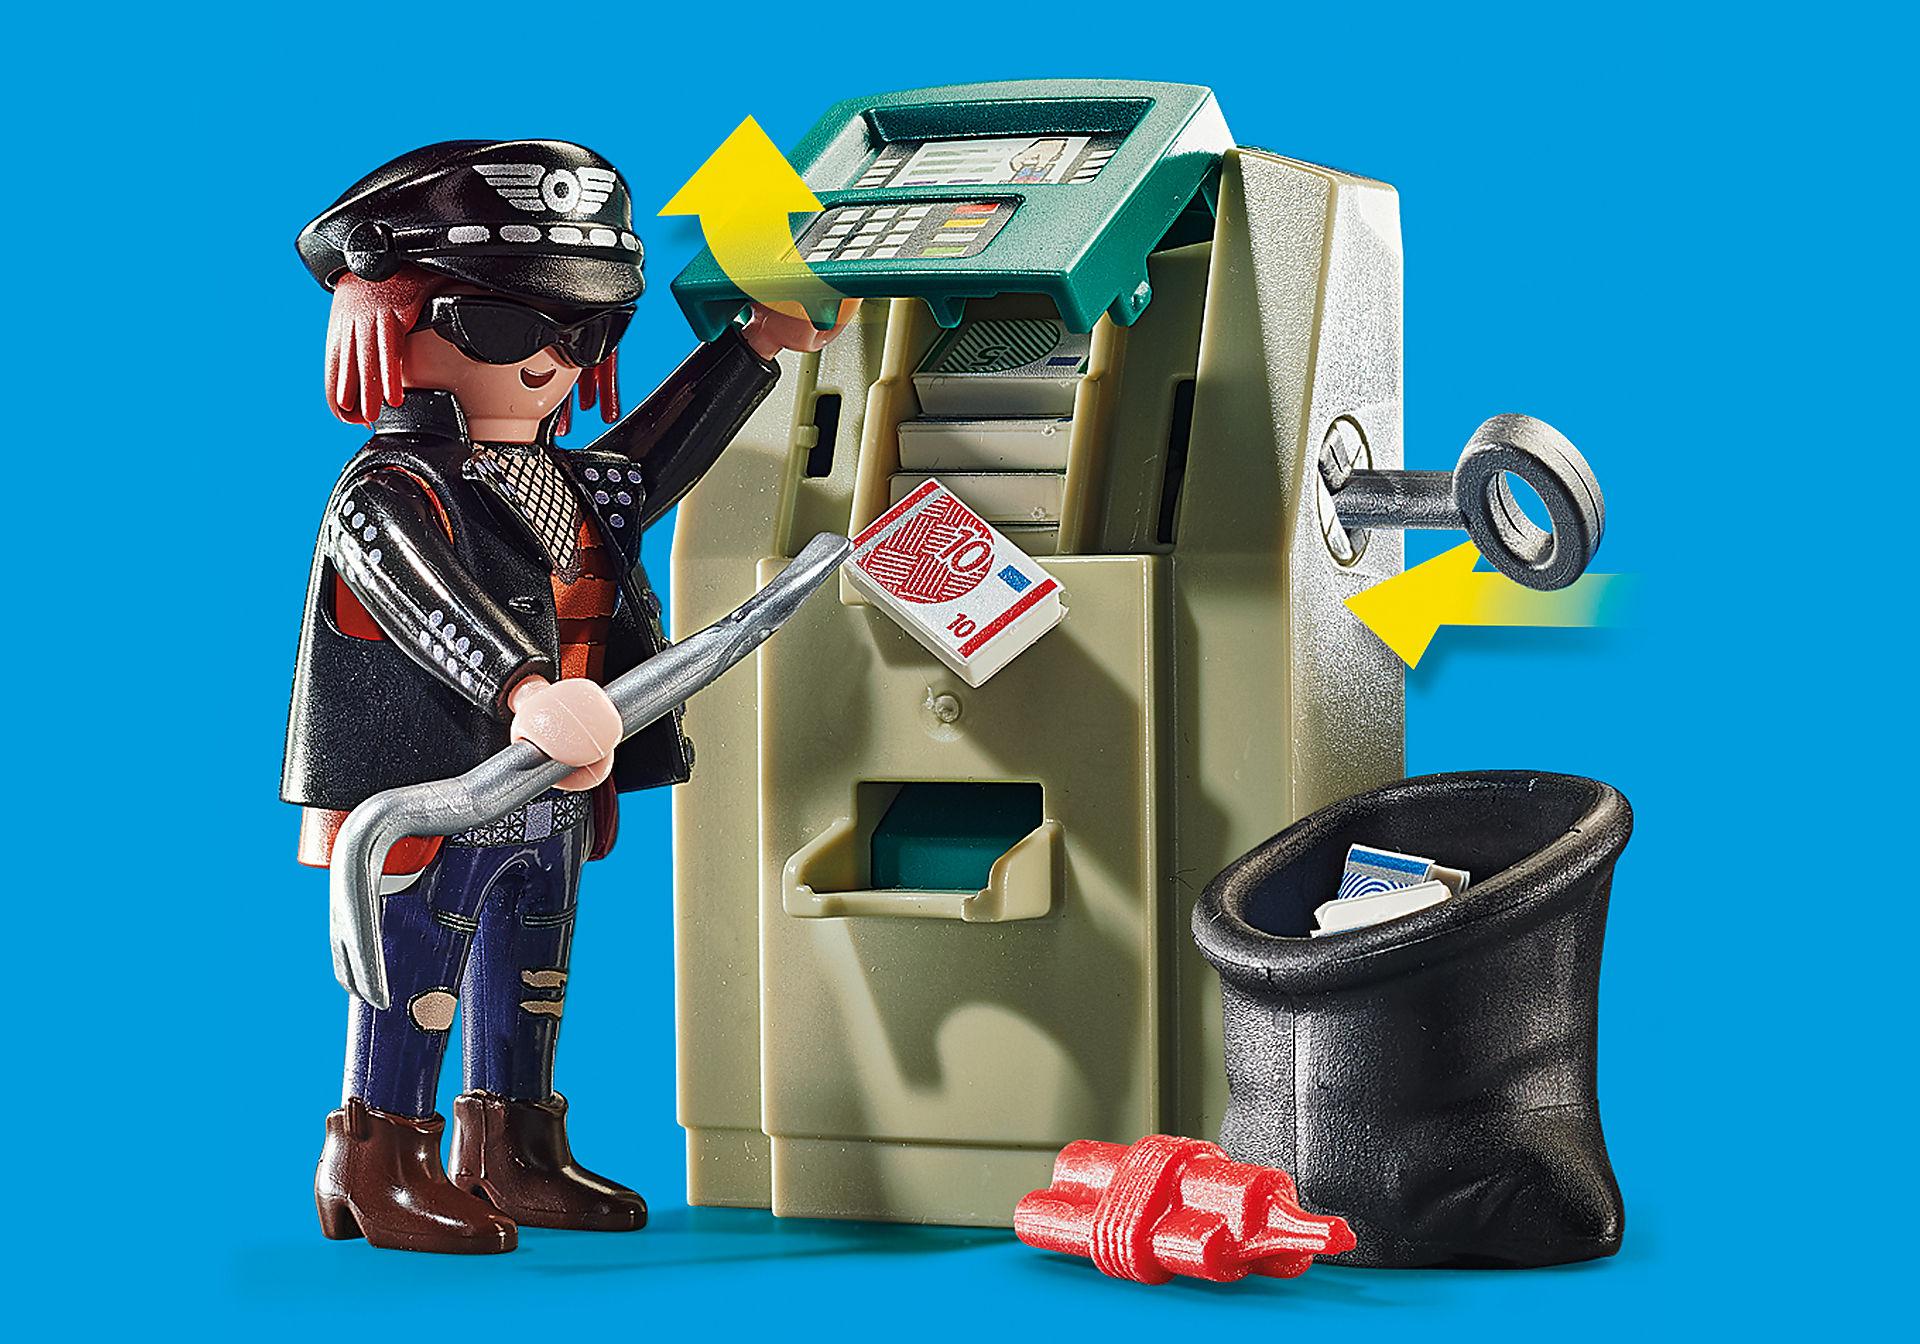 70572 Moto de Policía: persecución del ladrón de dinero zoom image4